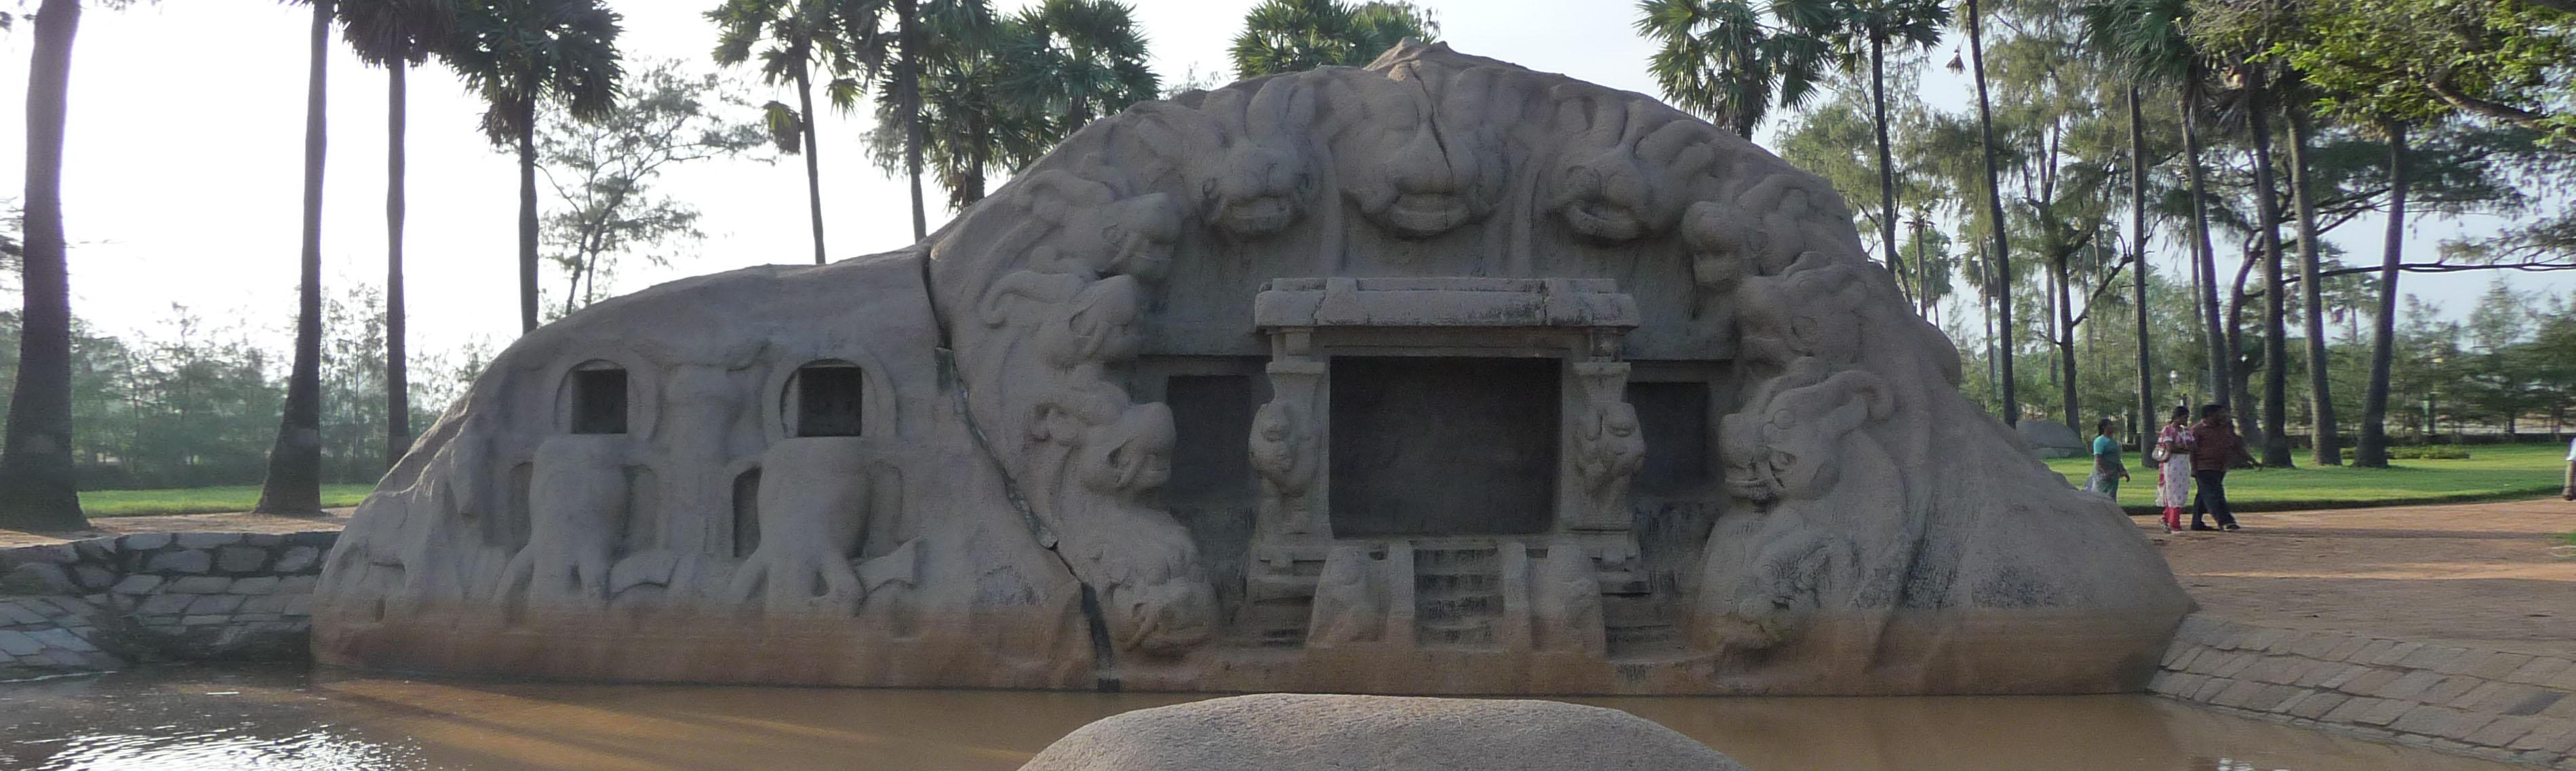 Dharma en ligne datant Petit Bouddha datant